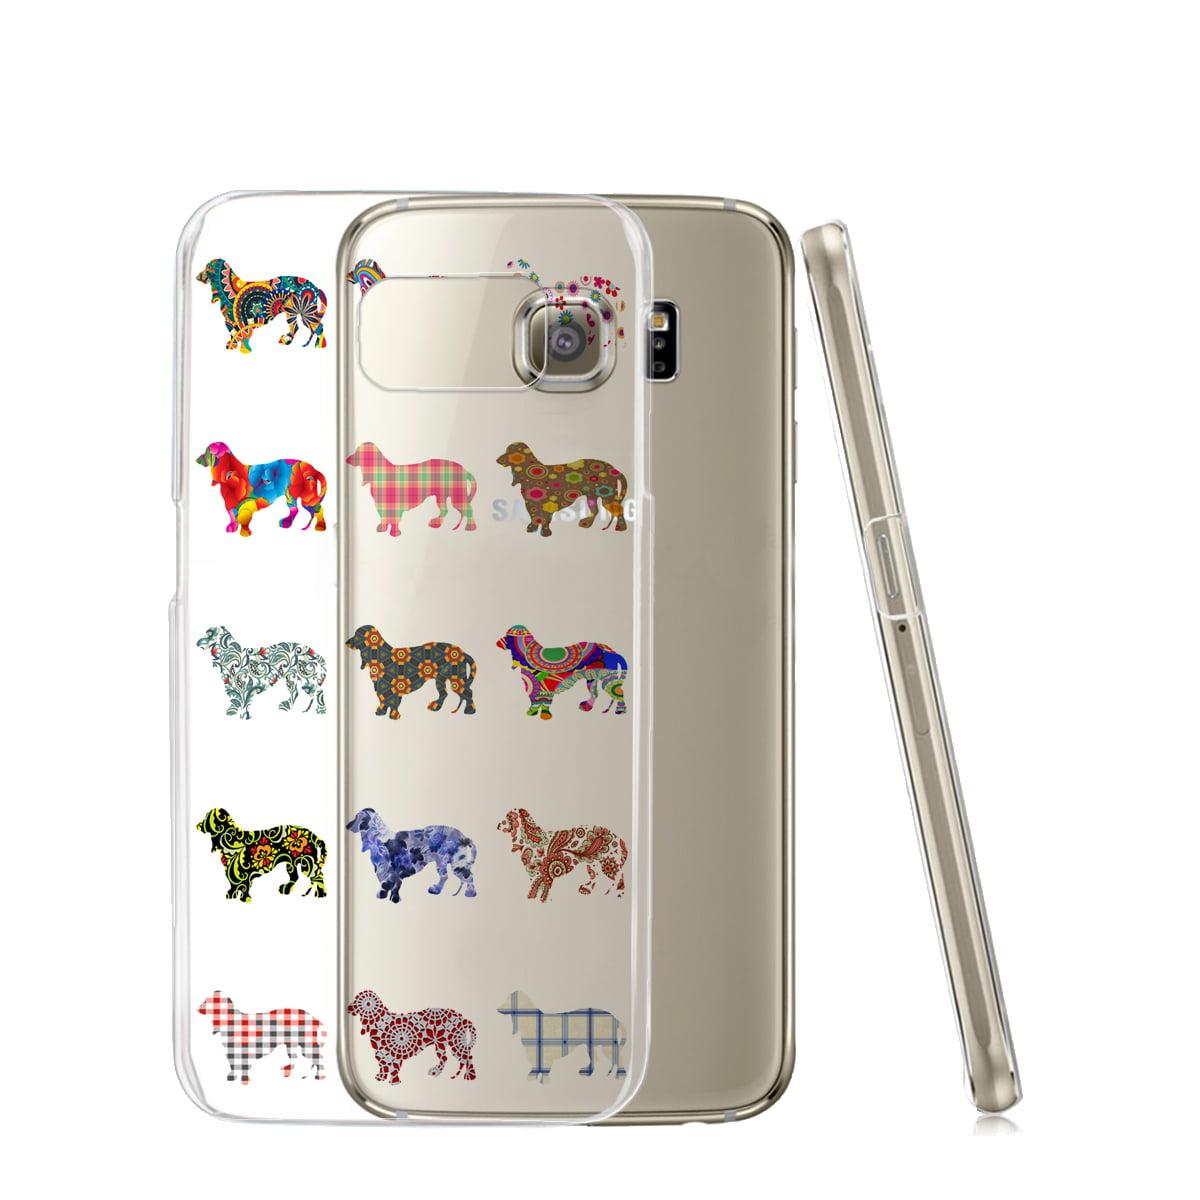 KuzmarK™ Samsung Galaxy S6 Edge Clear Cover Case - Daschund Dog